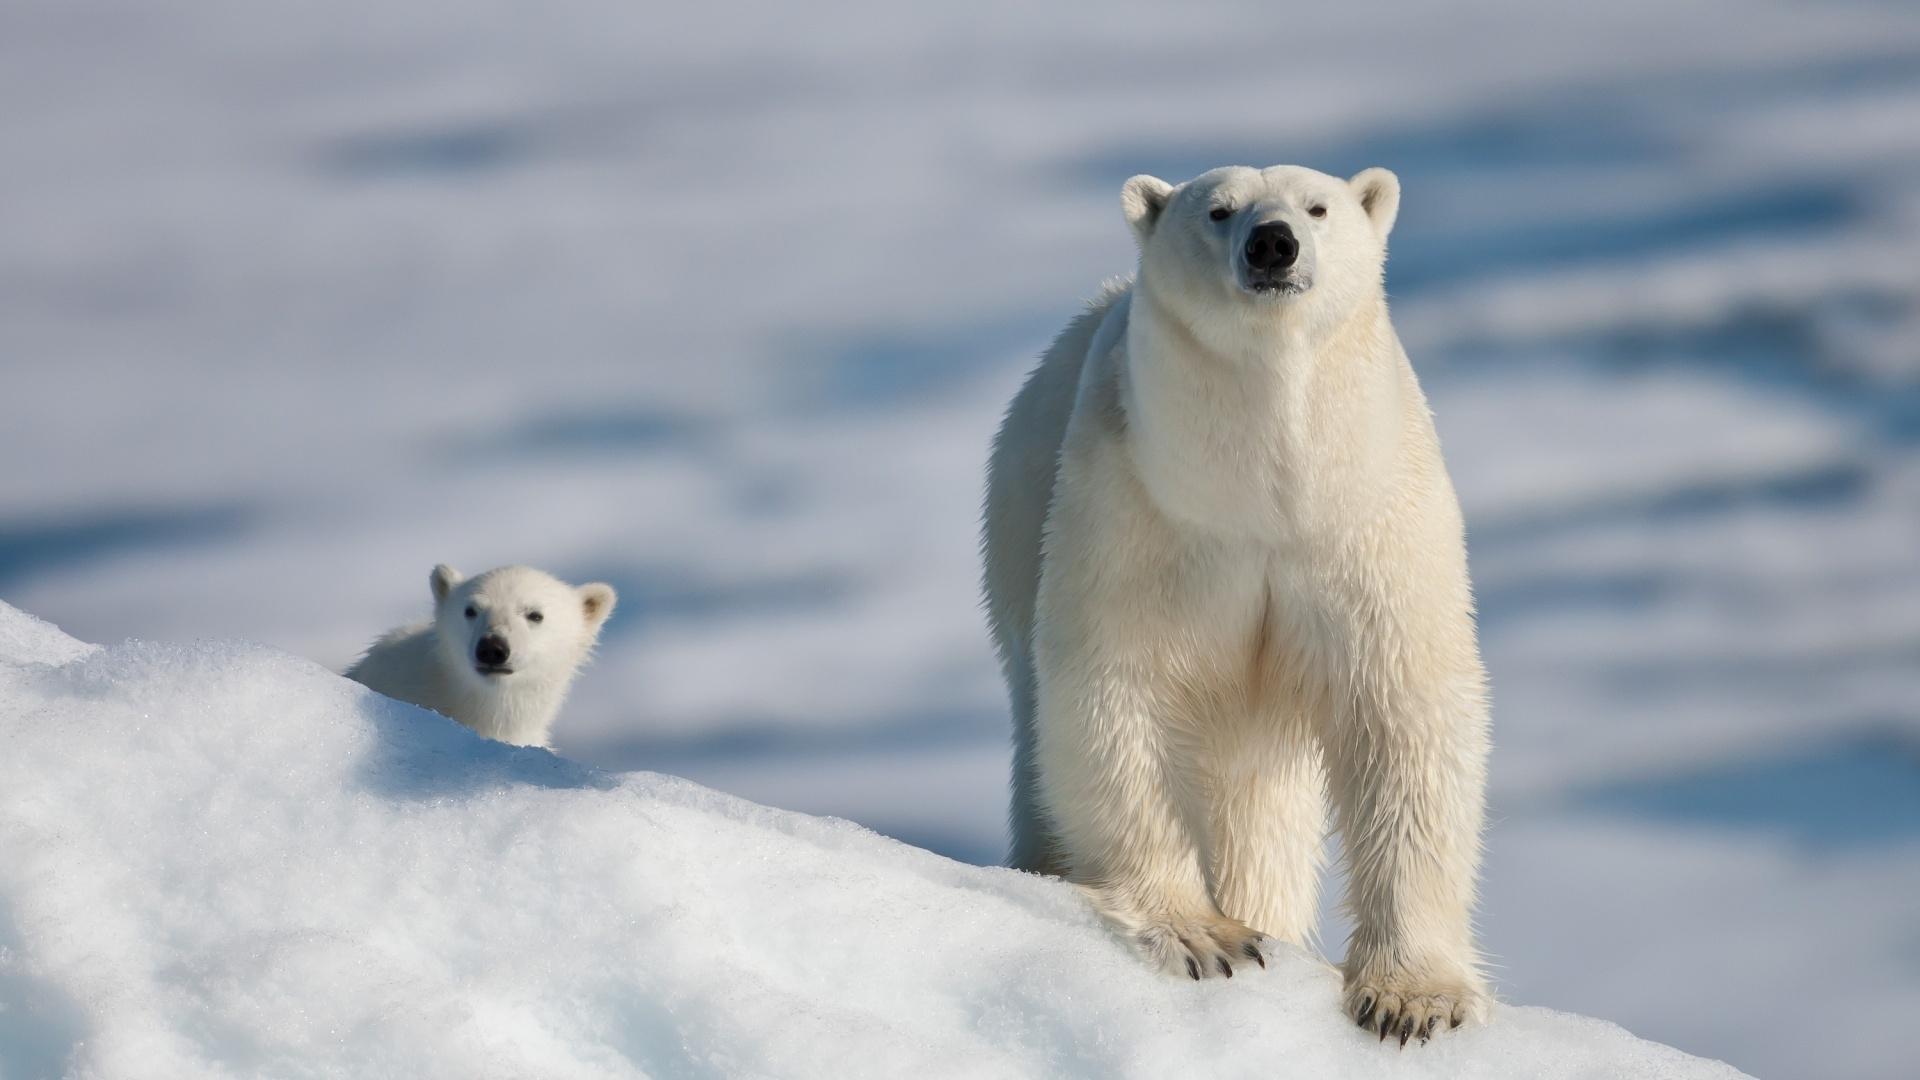 50265 Заставки и Обои Медведи на телефон. Скачать Медведи, Животные, Зима, Снег картинки бесплатно